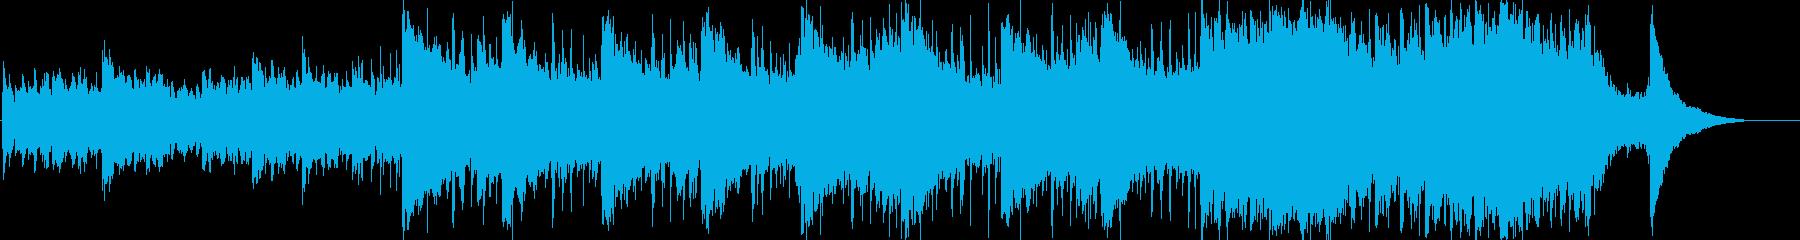 ピアノと弦が美しいコーポレート系BGMの再生済みの波形